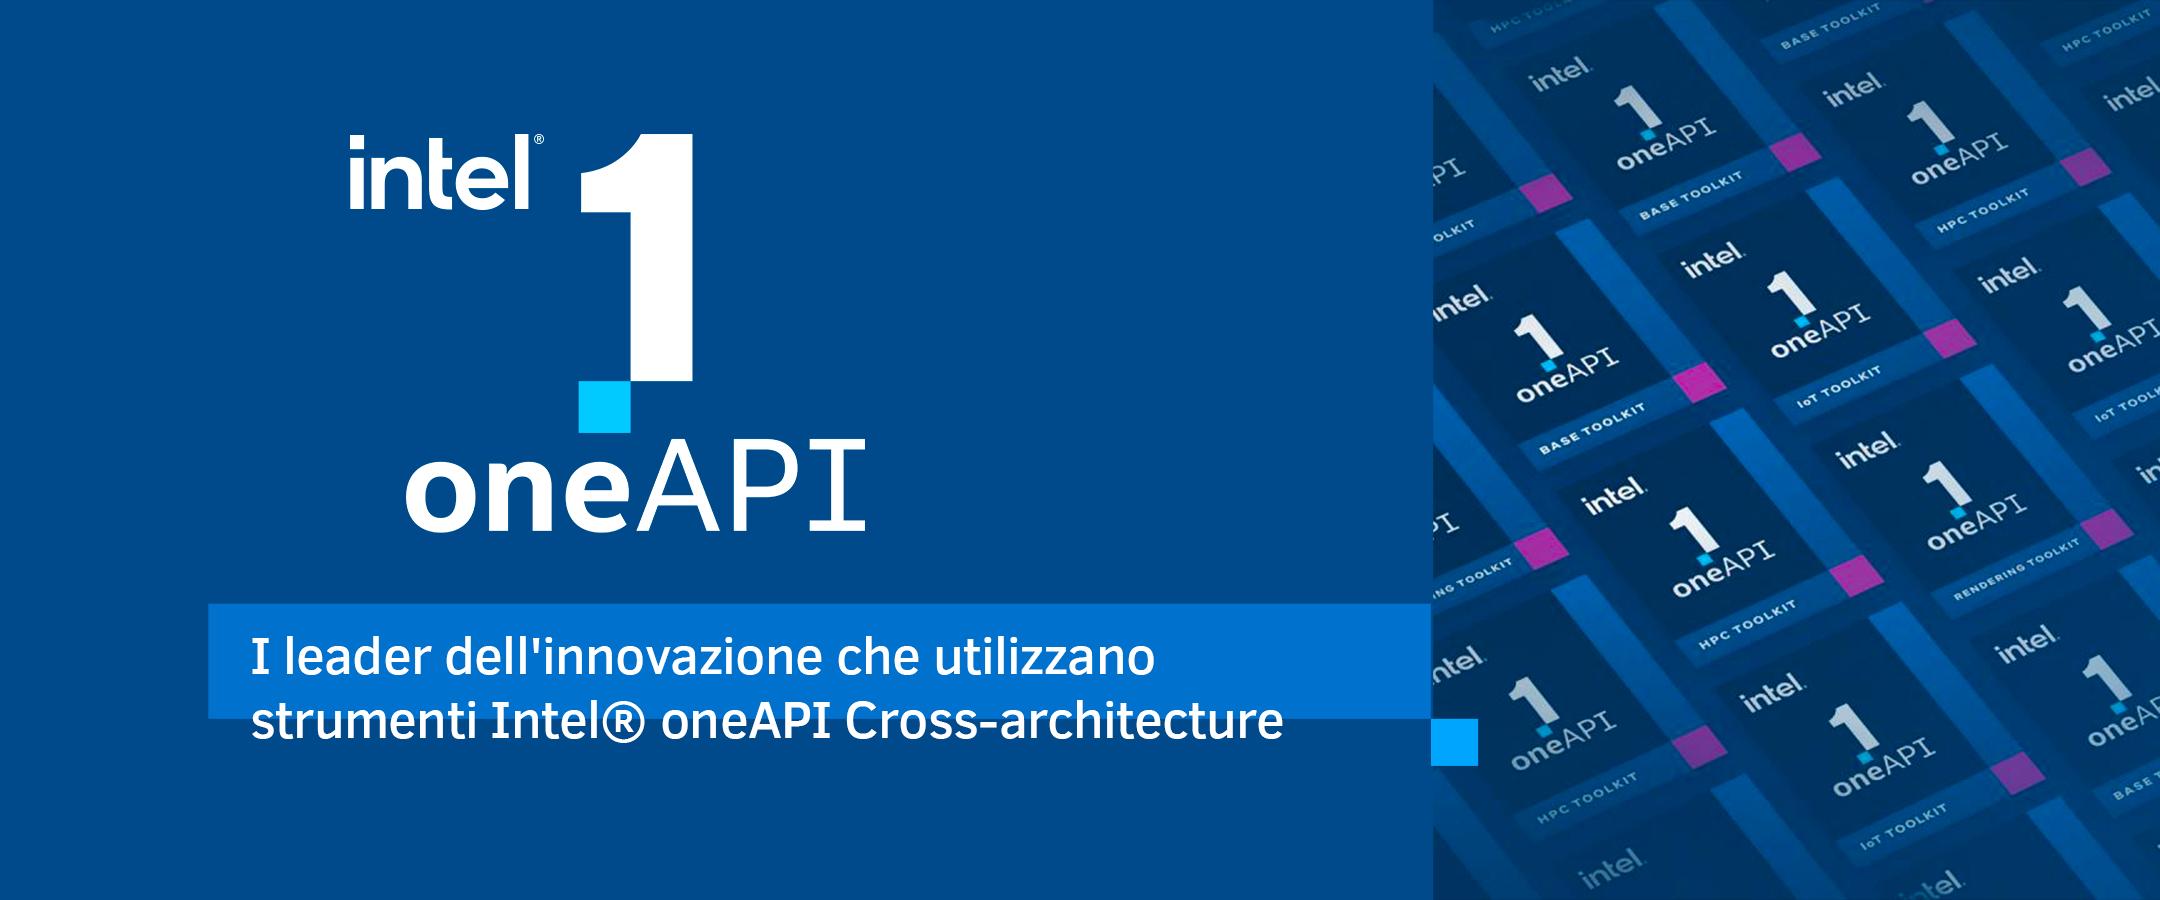 I leader dell'innovazione che utilizzano strumenti Intel® oneAPI Cross-architecture